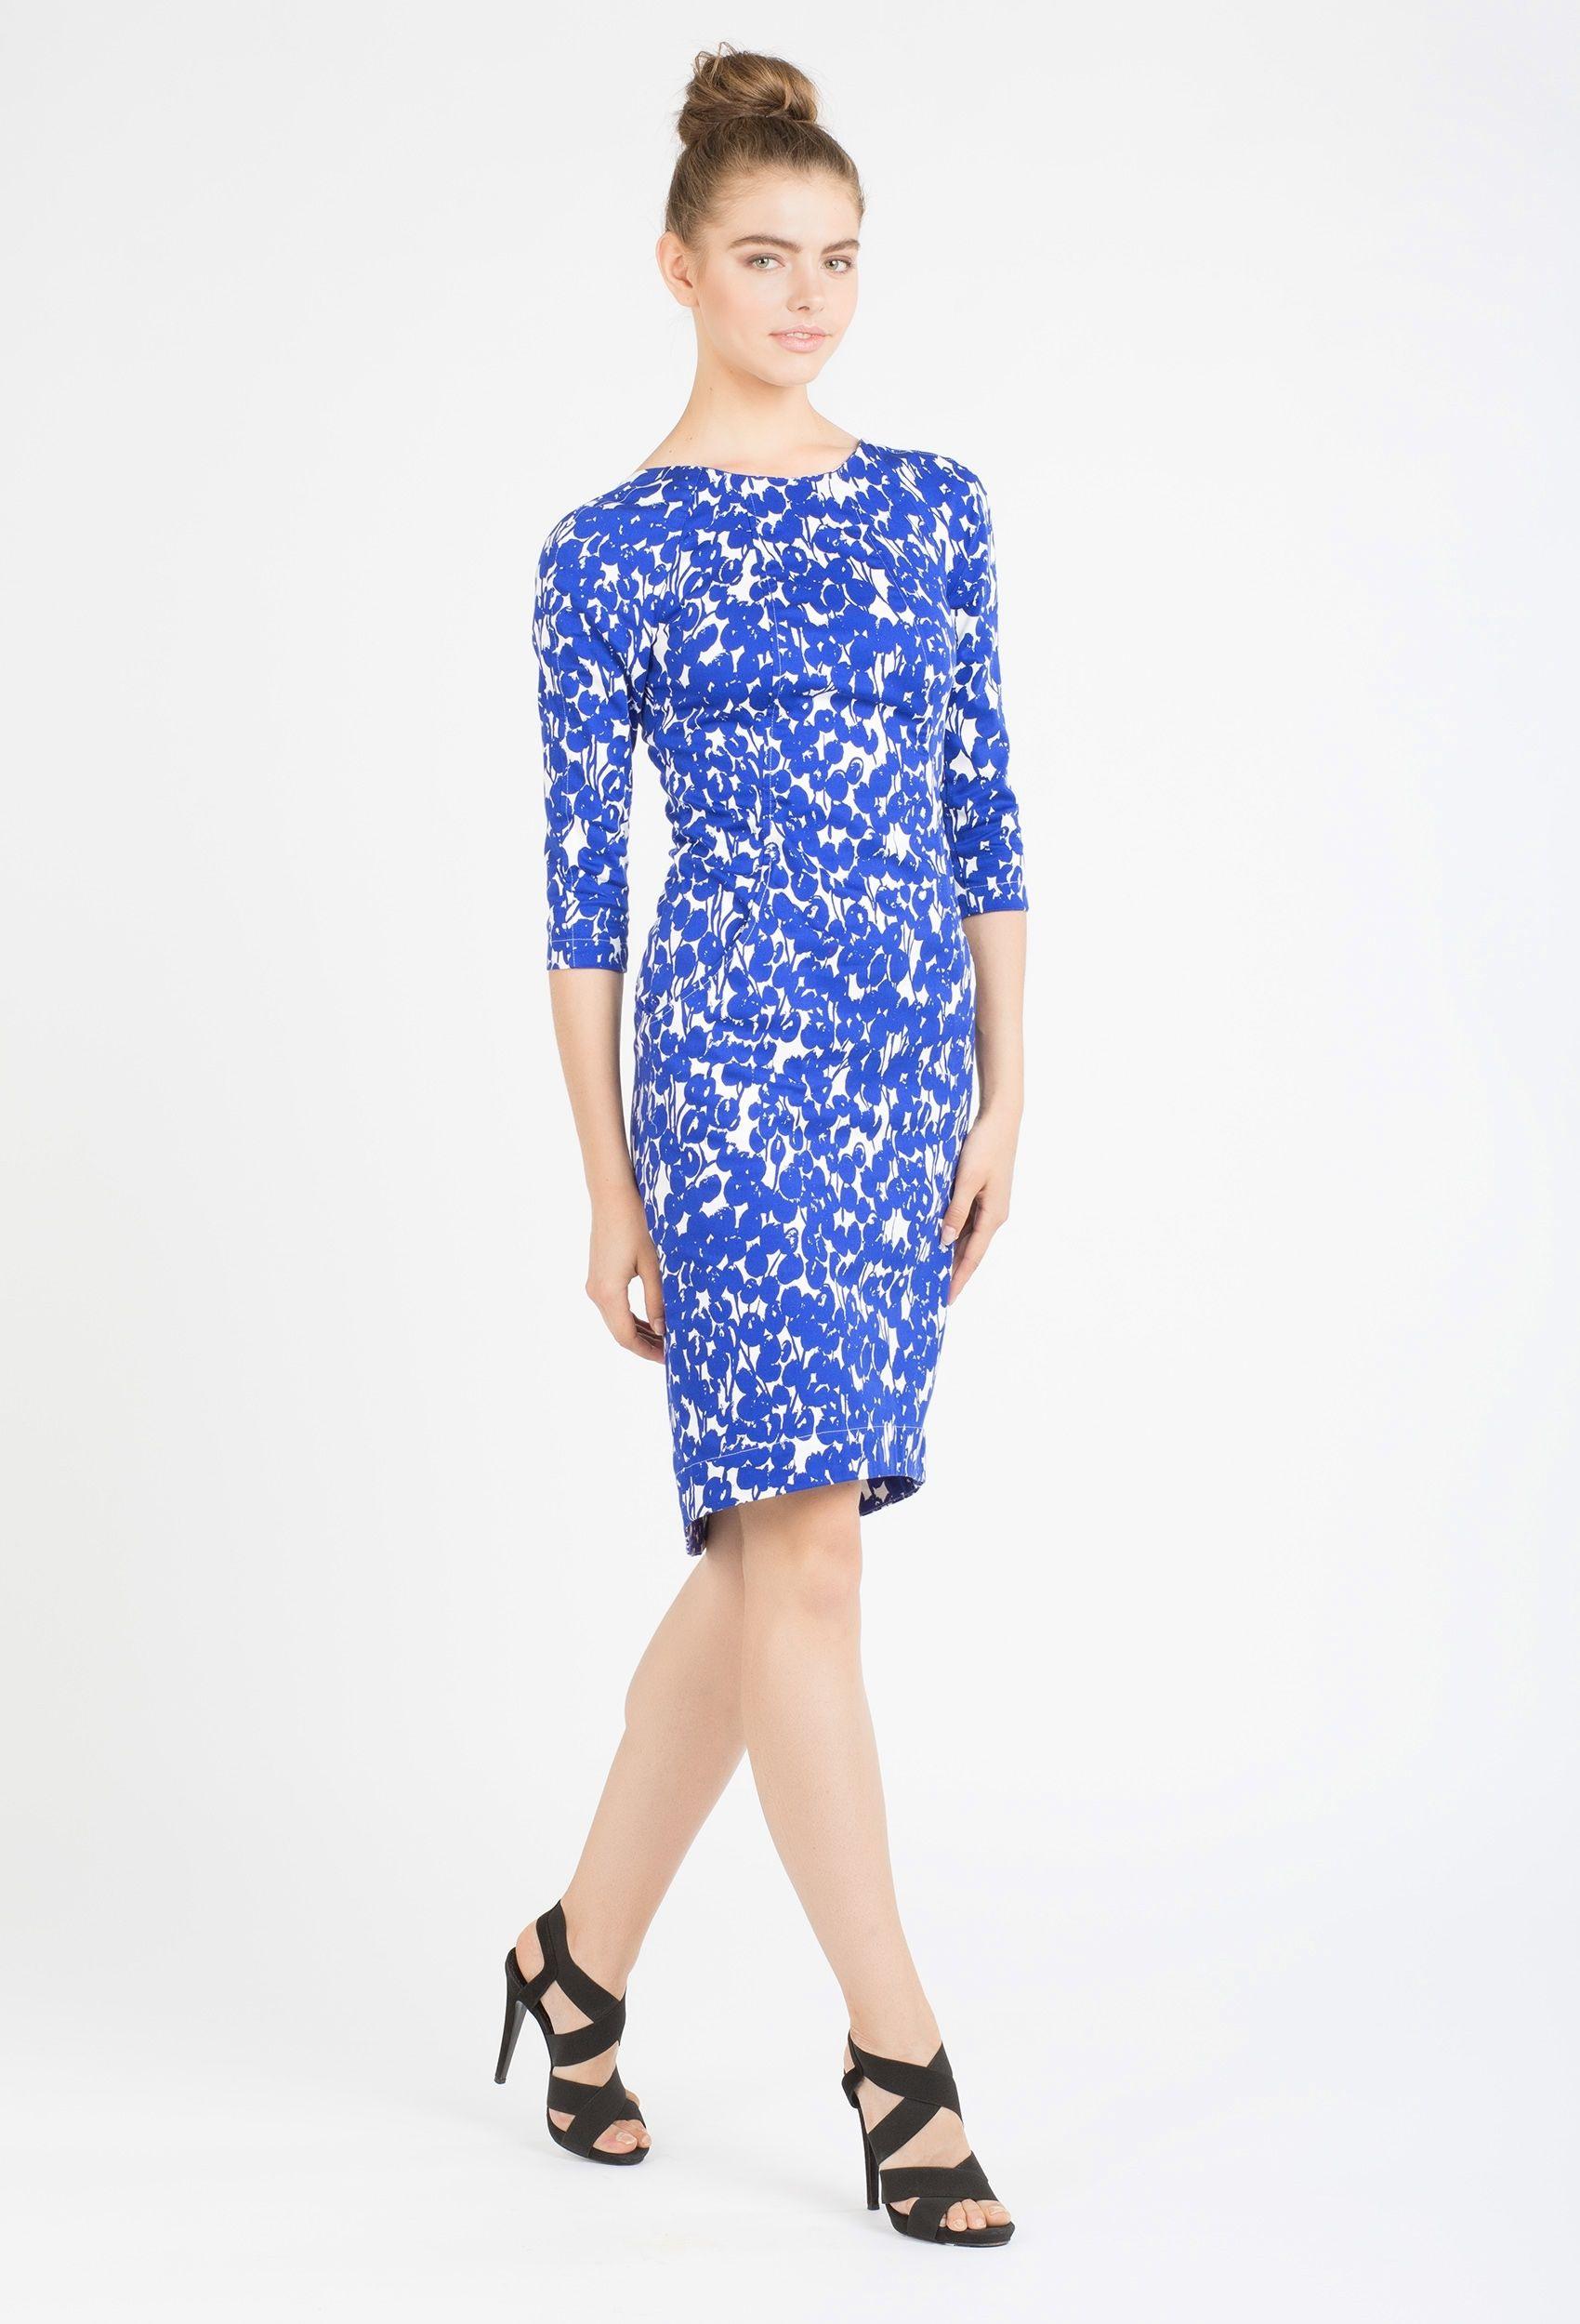 17 Einfach Etui Sommerkleider Spezialgebiet10 Perfekt Etui Sommerkleider Vertrieb